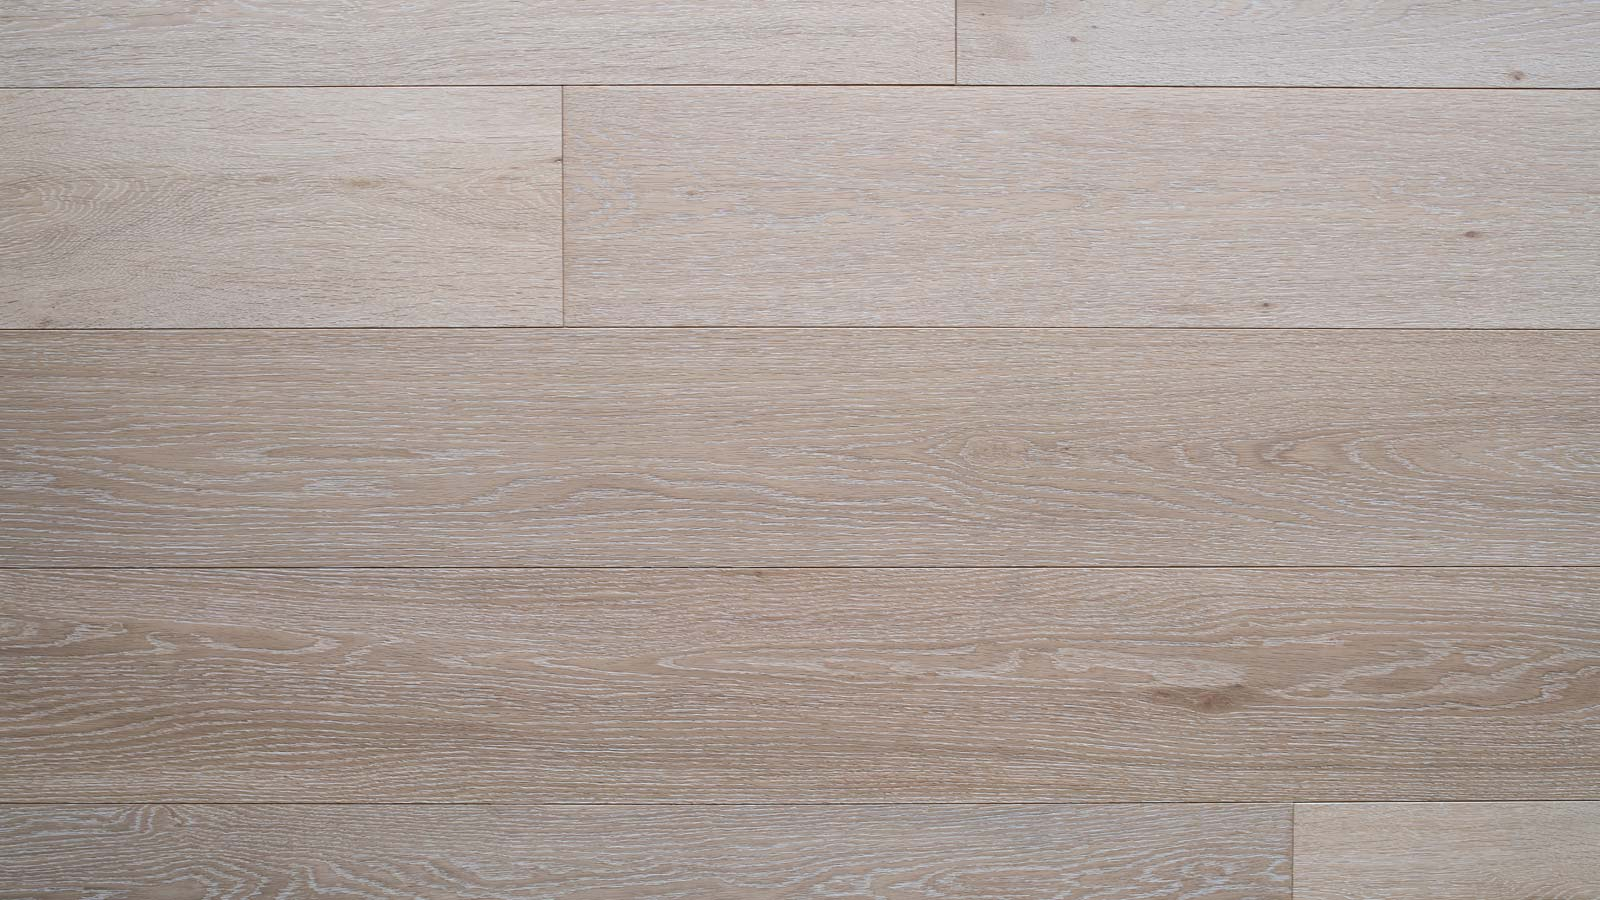 Signature Brushed Engineered Hardwood Etm Flooring Vancouver